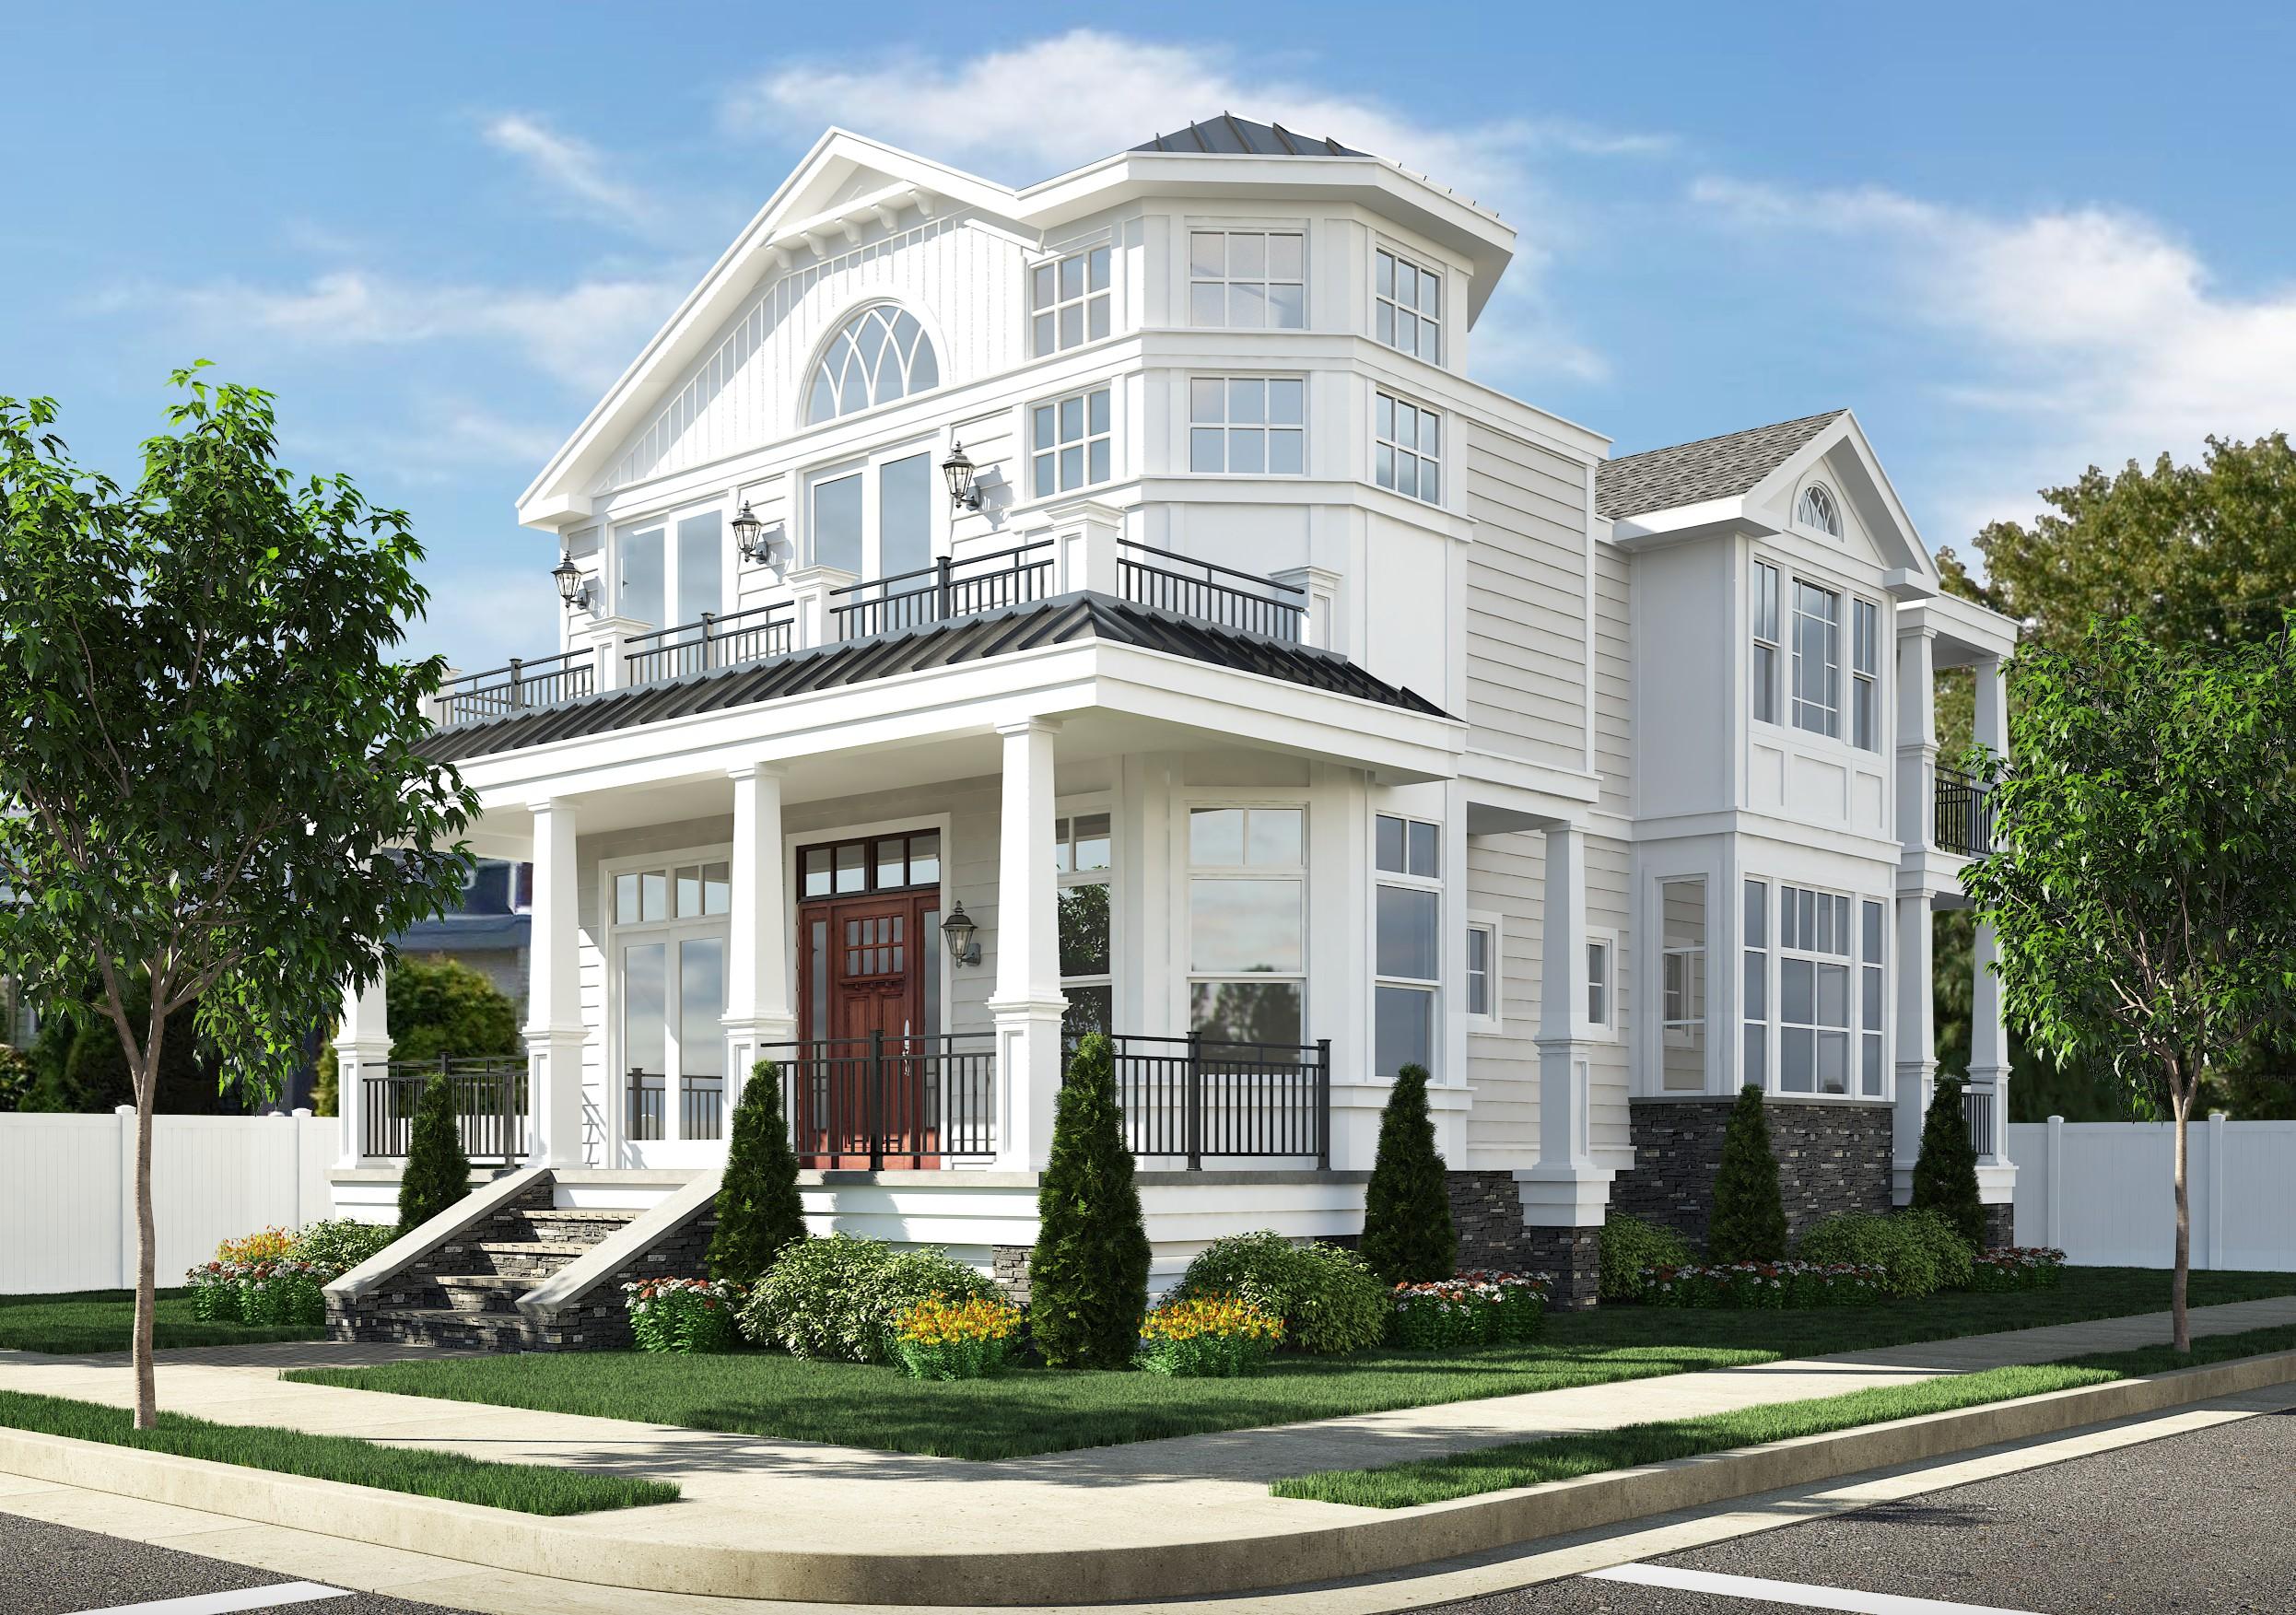 sales property at 16 N Sumner Ave